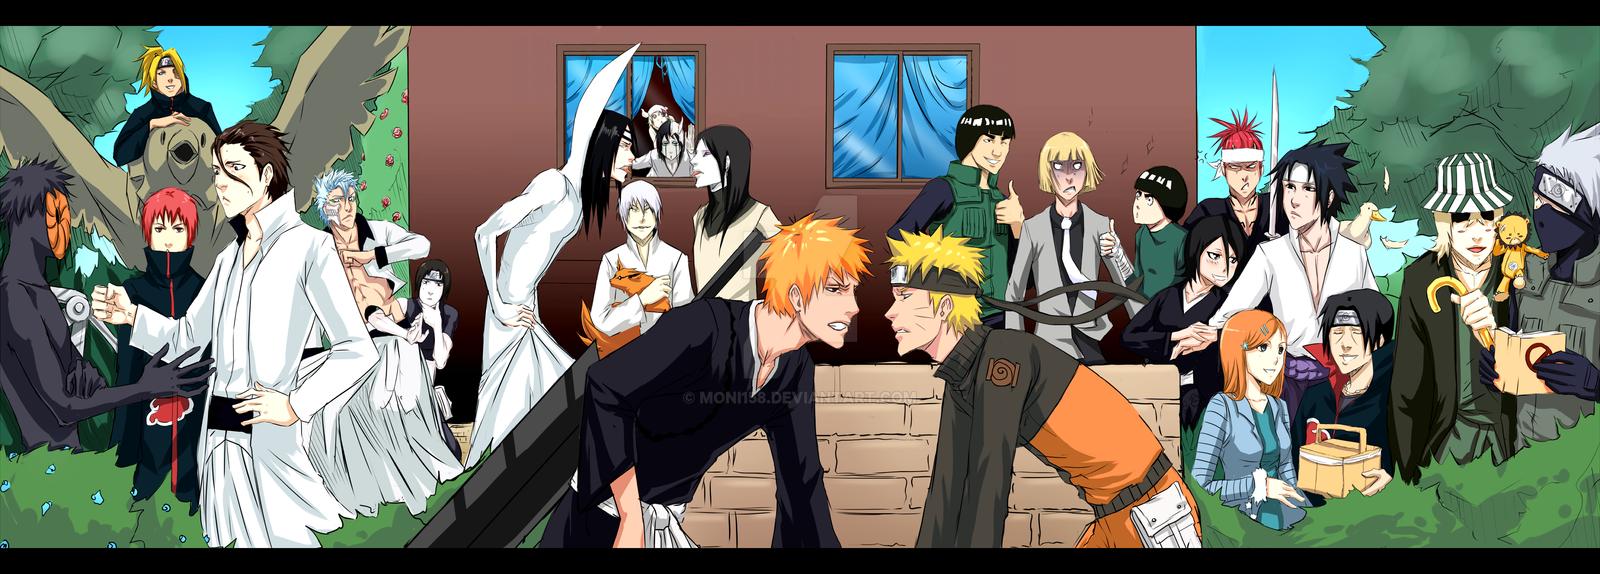 +Naruto Bleach crossover+ by moni158